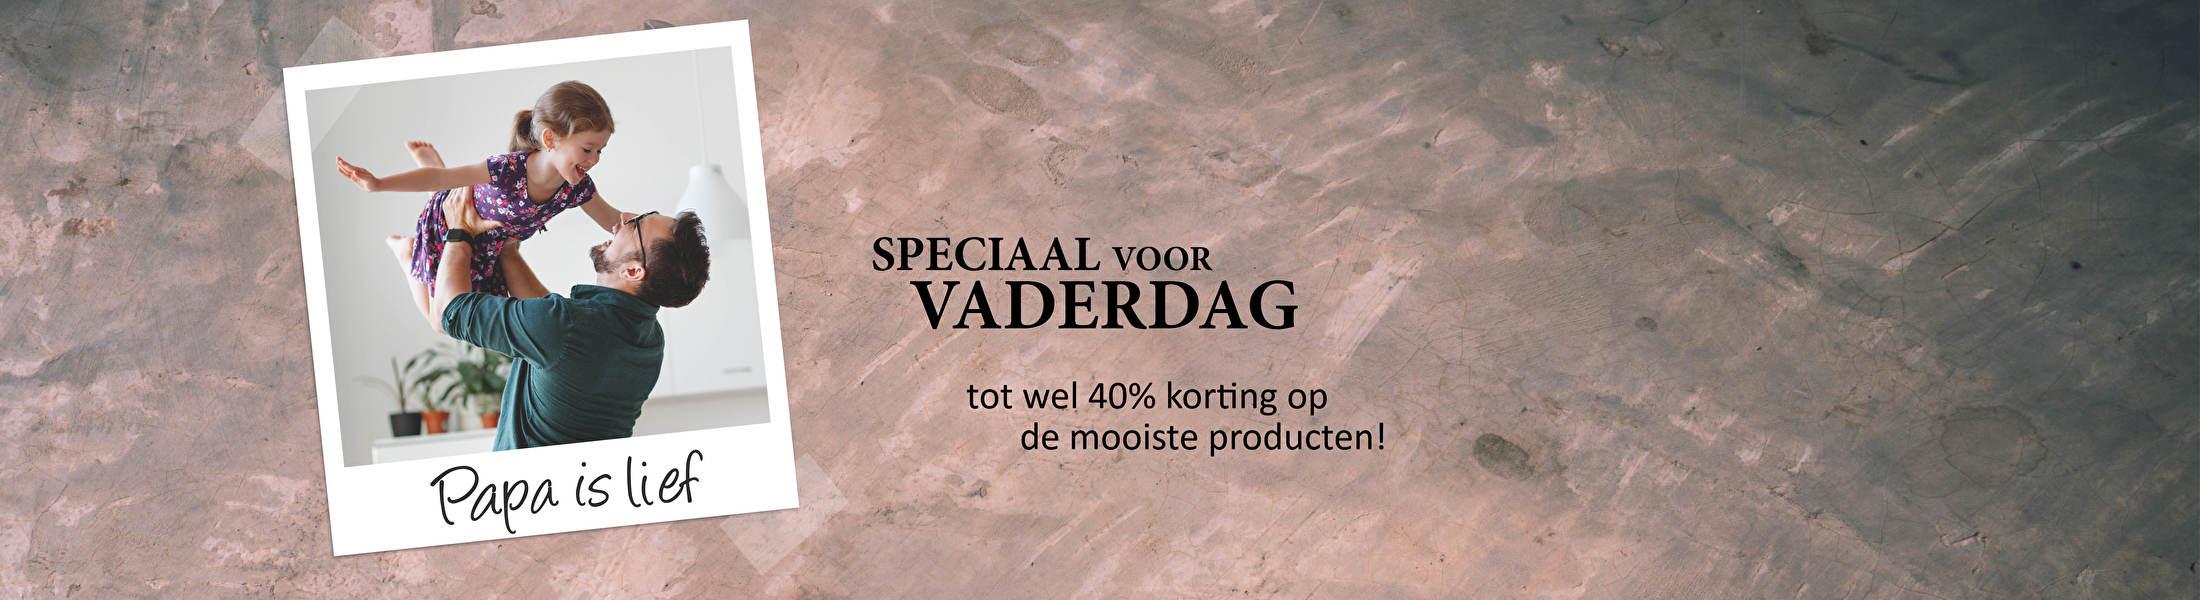 Speciaal voor Vaderdag tot wel 40% korting op de mooiste producten!